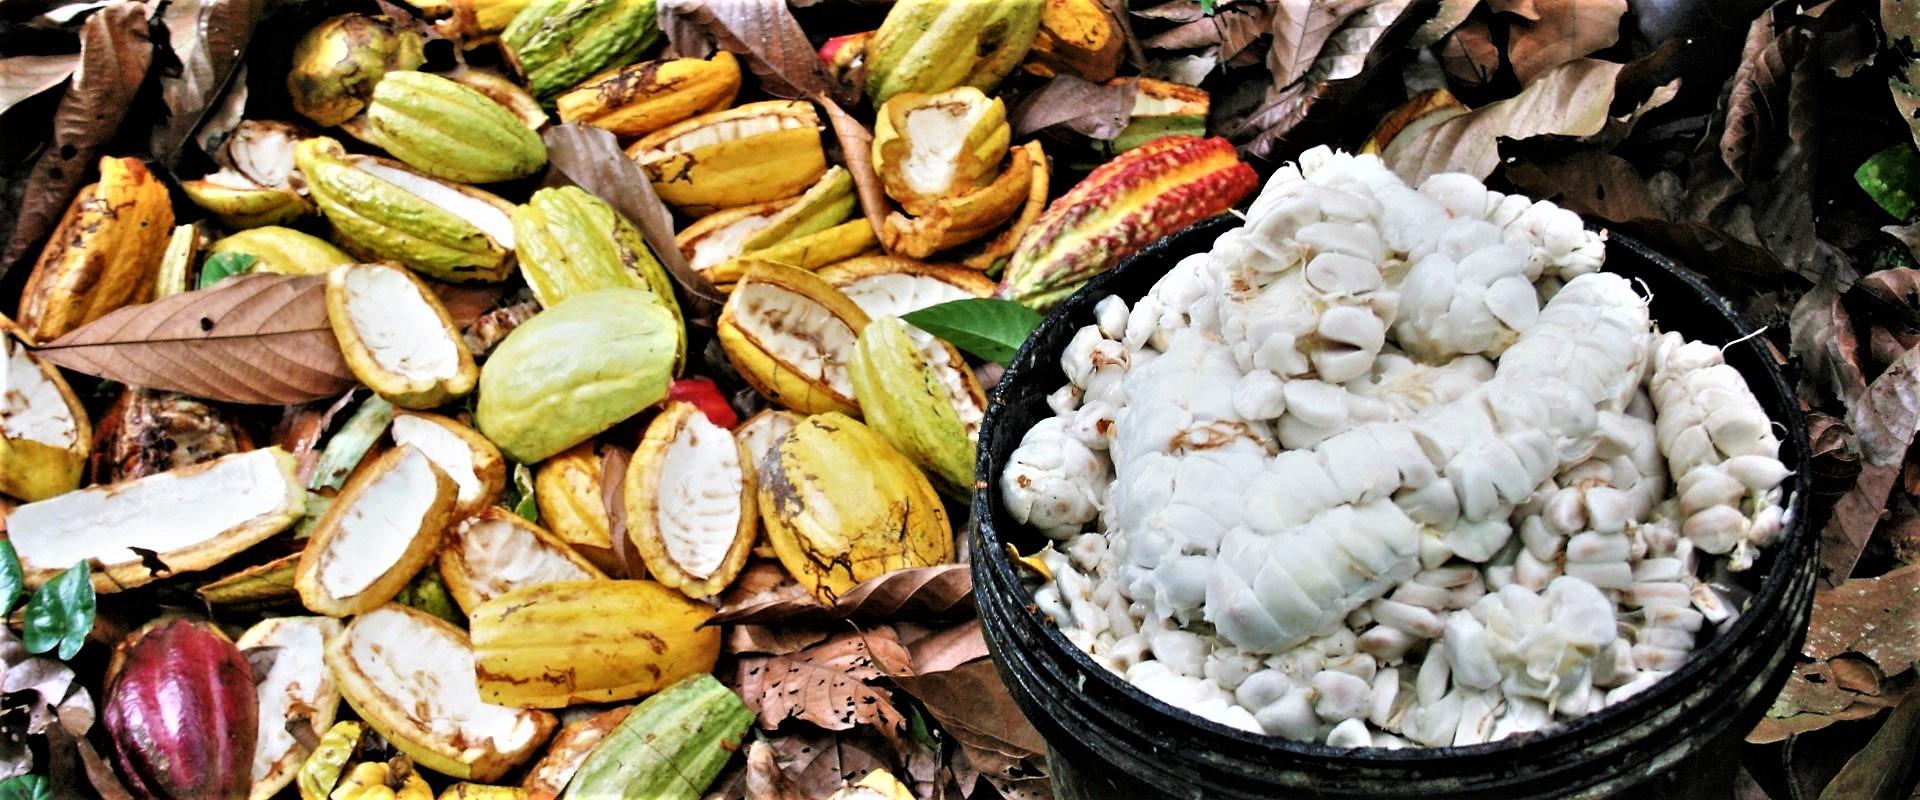 Cacao_Ecuador_Mani_Tese_2017